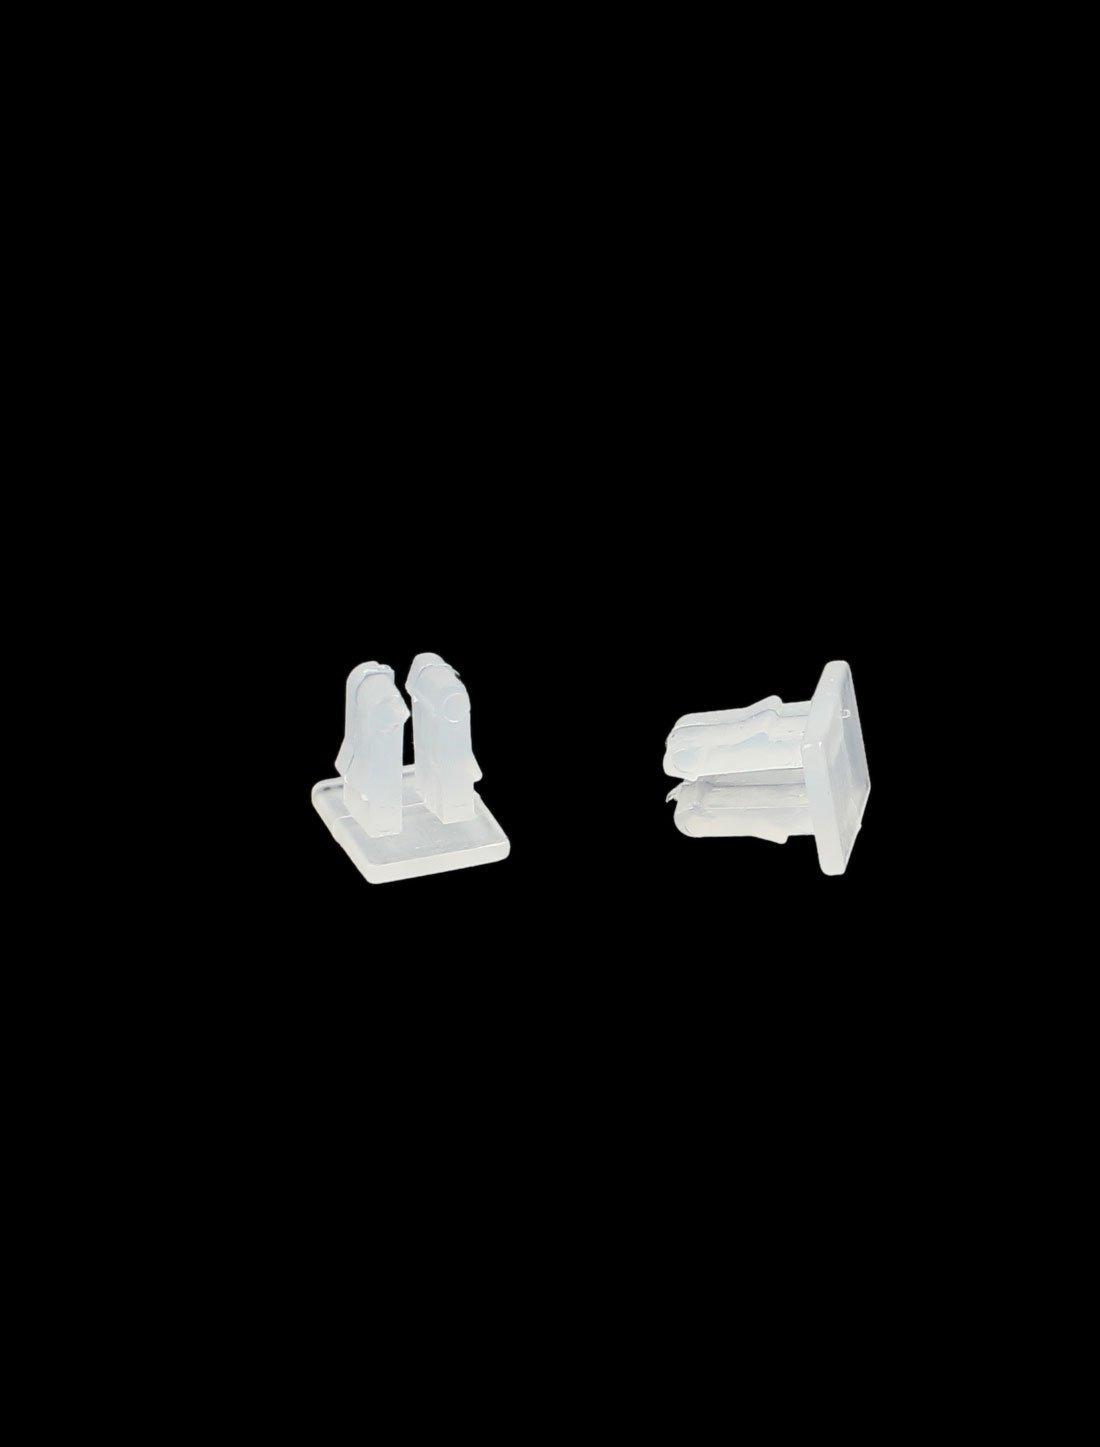 Amazon.com : eDealMax Placa del perro casero plástico Jaula Agujero Diseño Tablero de estera w dos fijas aquí 34.5cm x 25cm Blanca : Pet Supplies